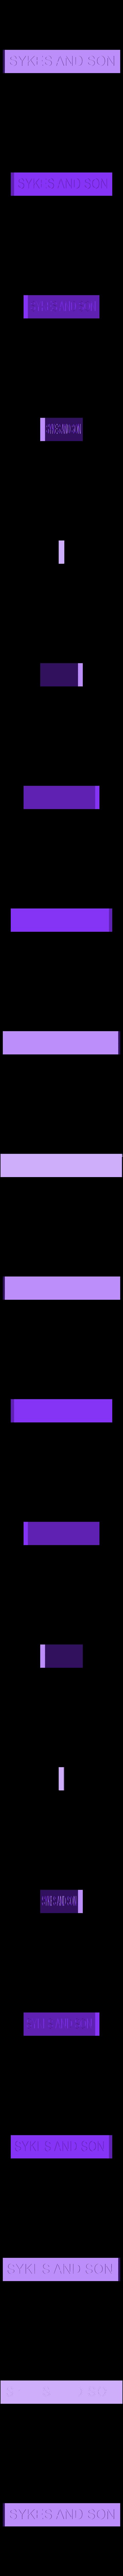 fun_sign2_1.stl Télécharger fichier STL gratuit Ripper's London - Salon funéraire / boutique • Design pour imprimante 3D, Earsling